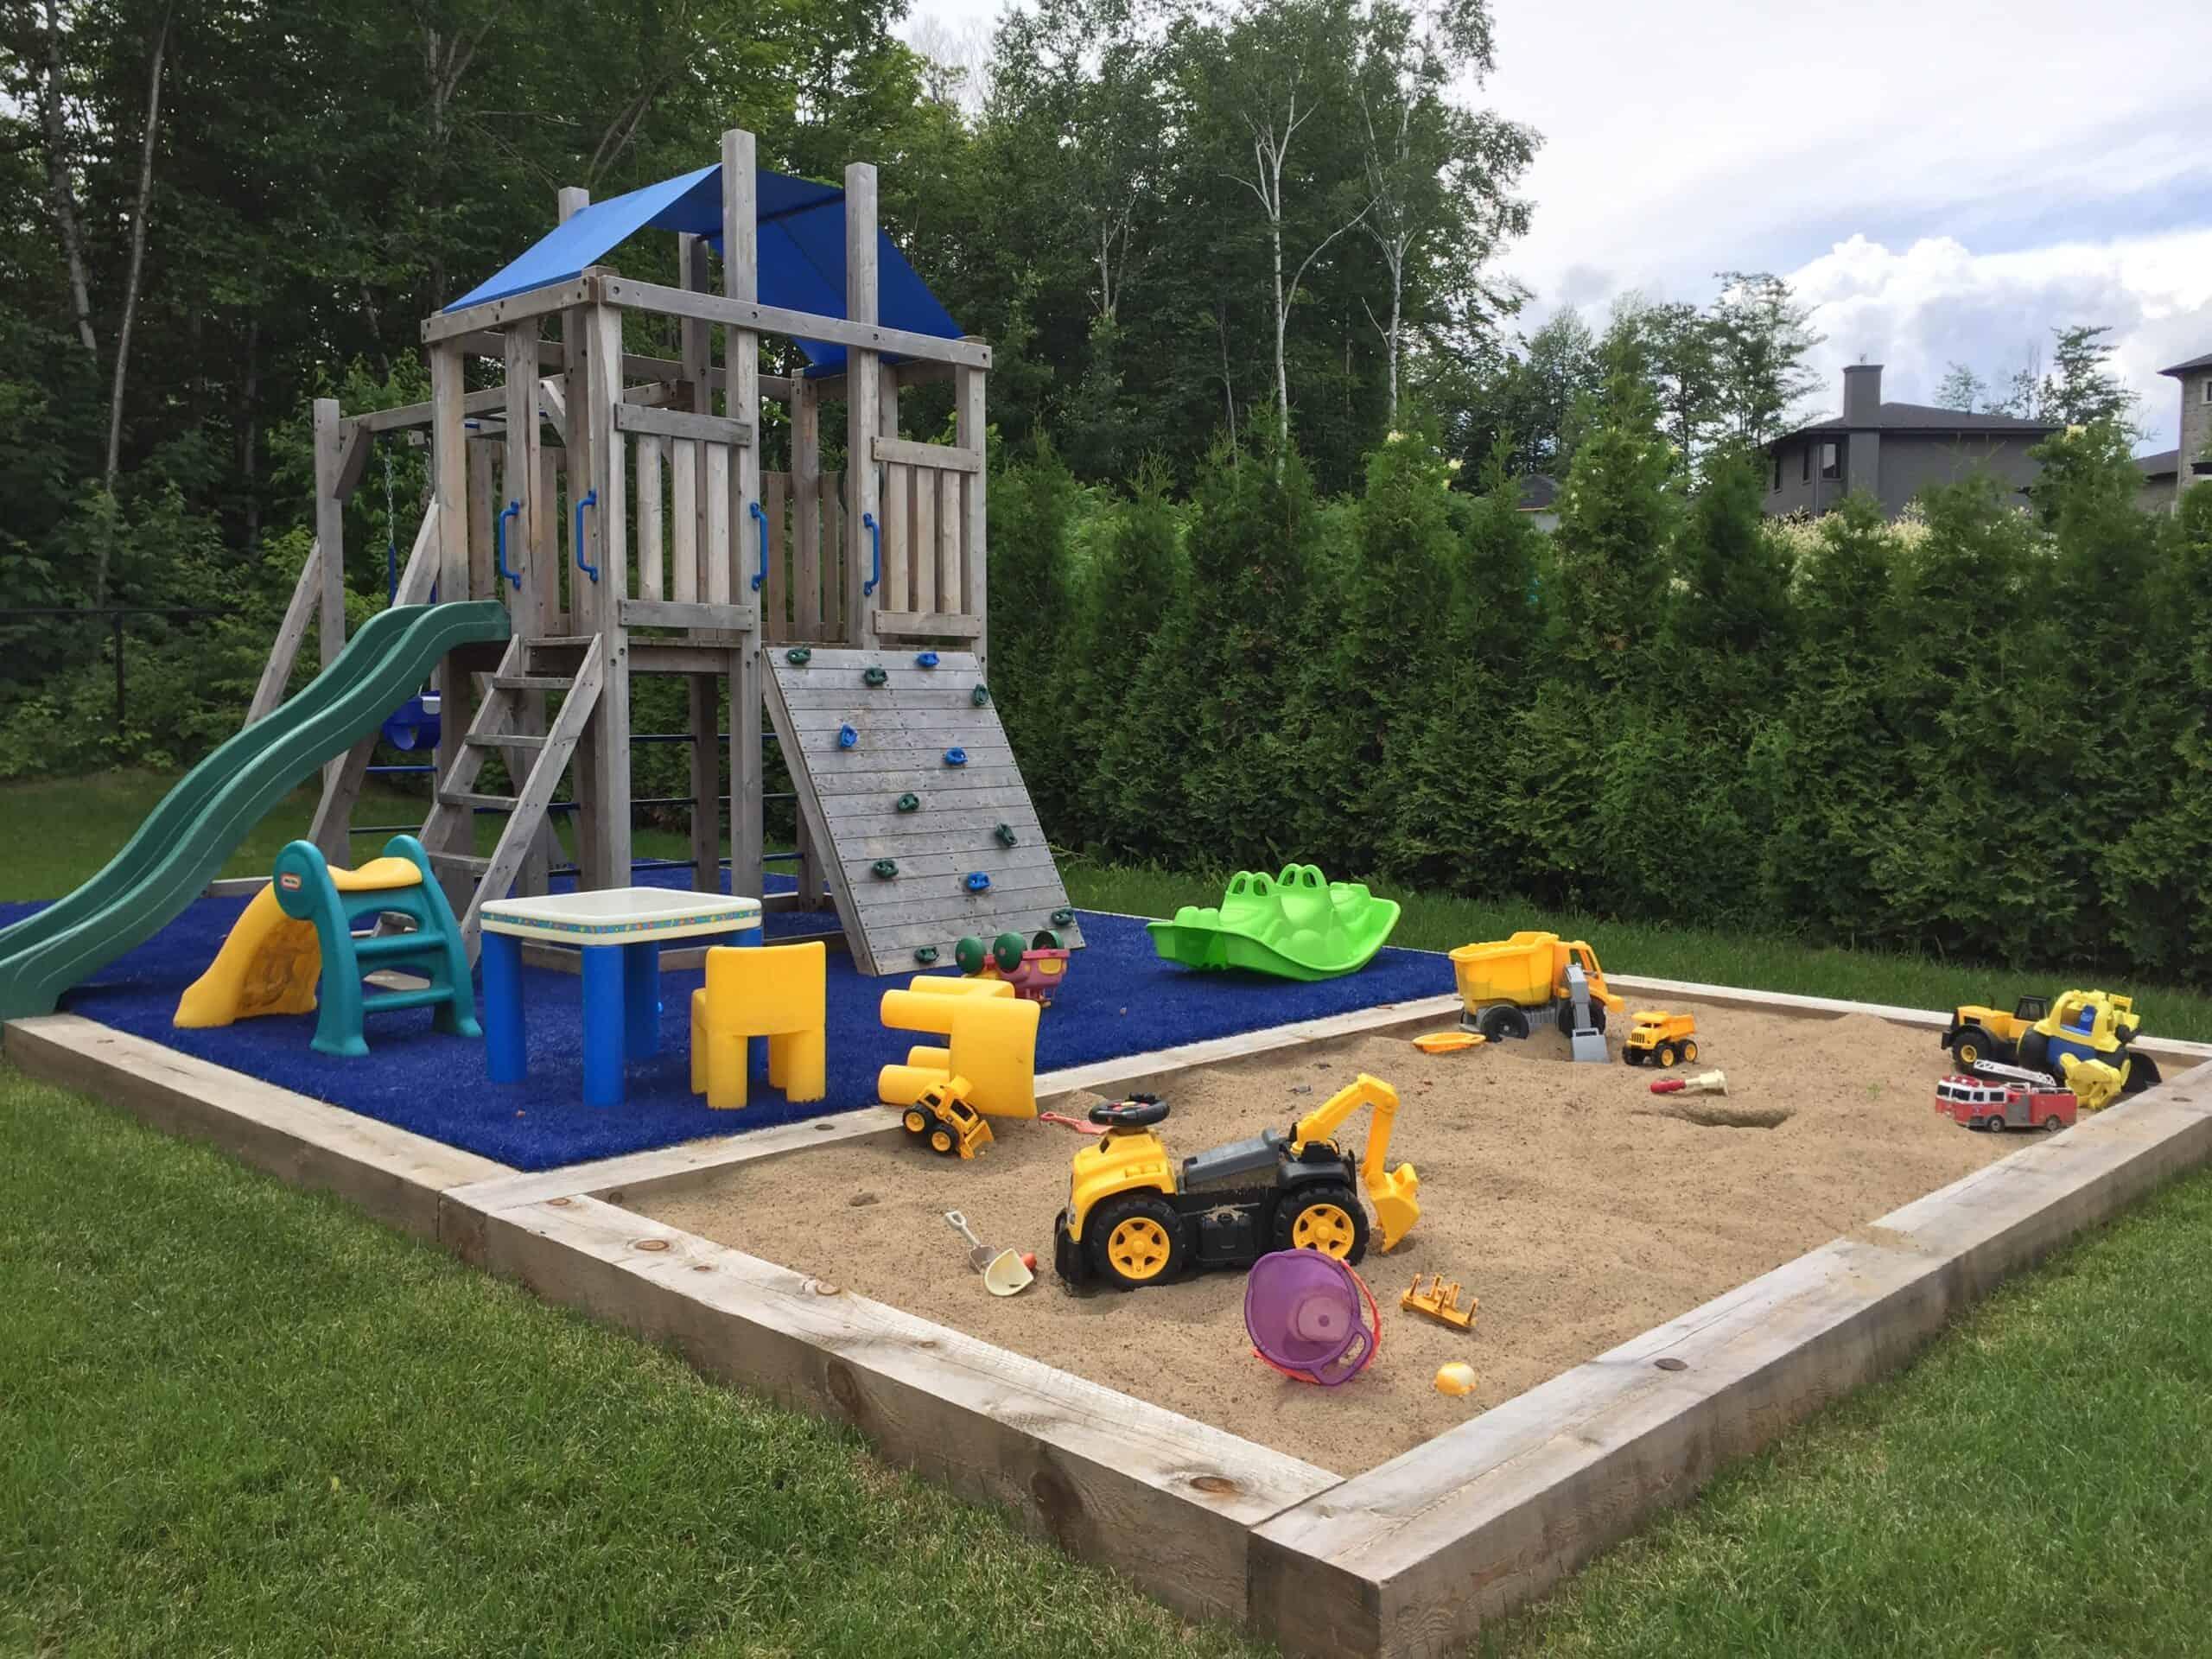 Signé garneau - maître paysagiste - cour extérieure pour les enfants